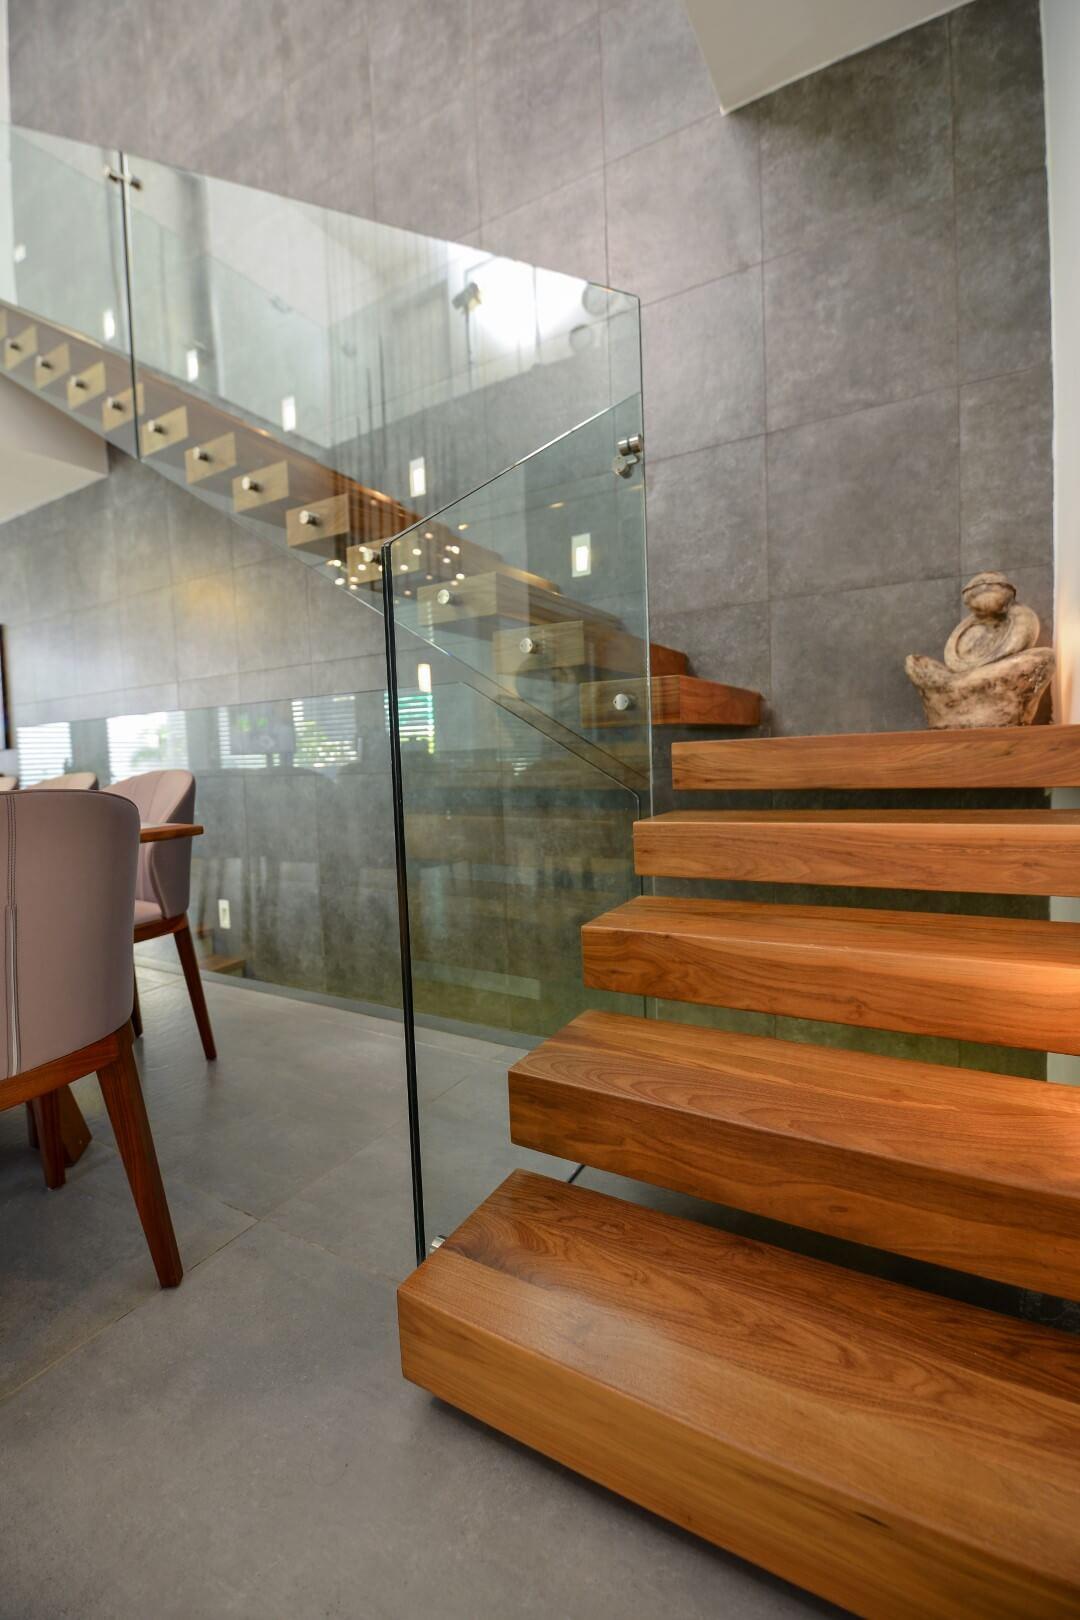 מדרגות עץ עם מדרכי עץ אגוז בגוונים מדבריים נועזים בשילוב של פריחת התפוח ושיזוף הוואי